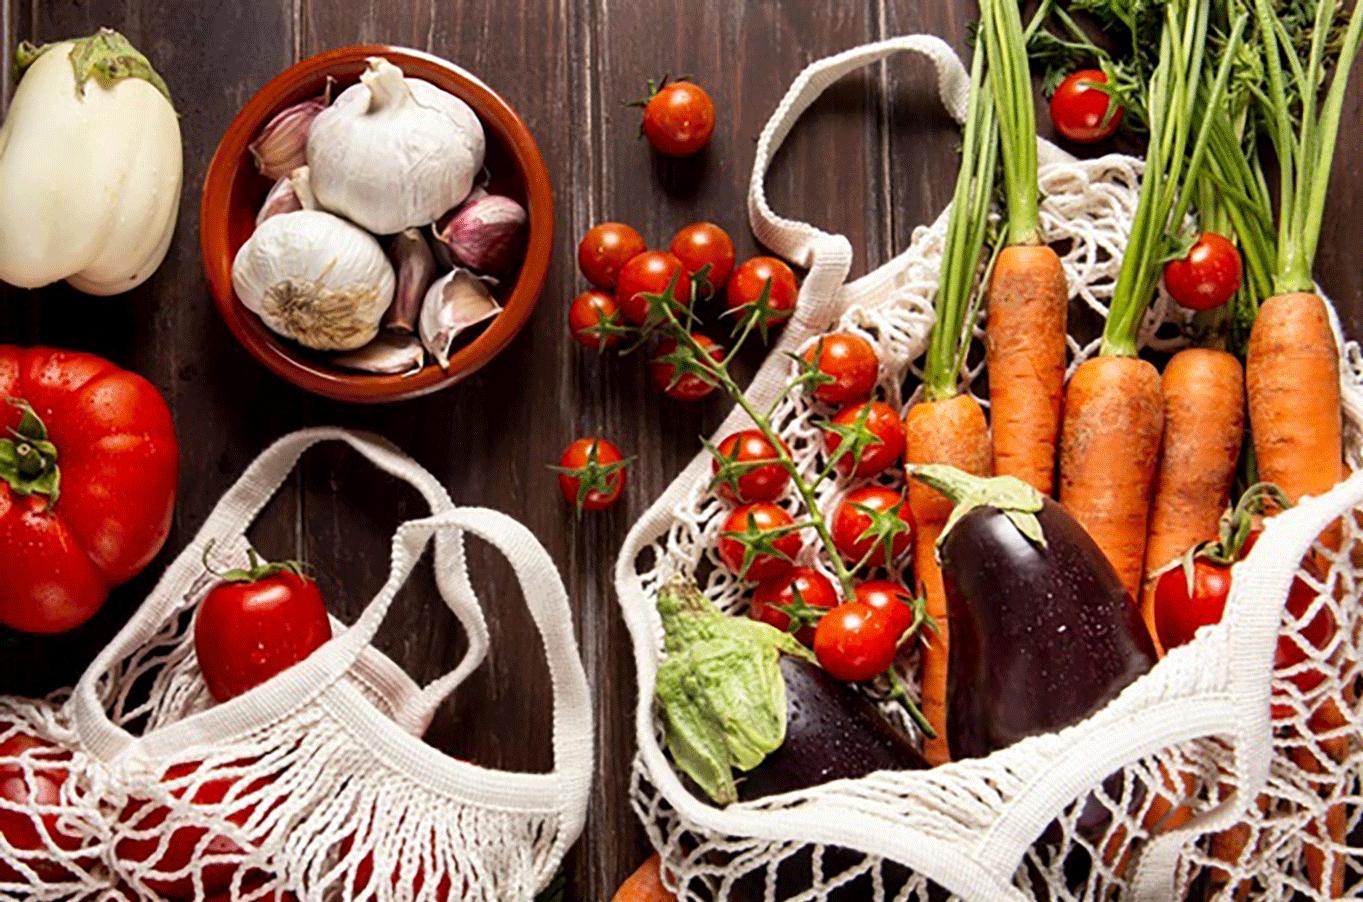 vue-dessus-carottes-sac-legumes_23-2148622447